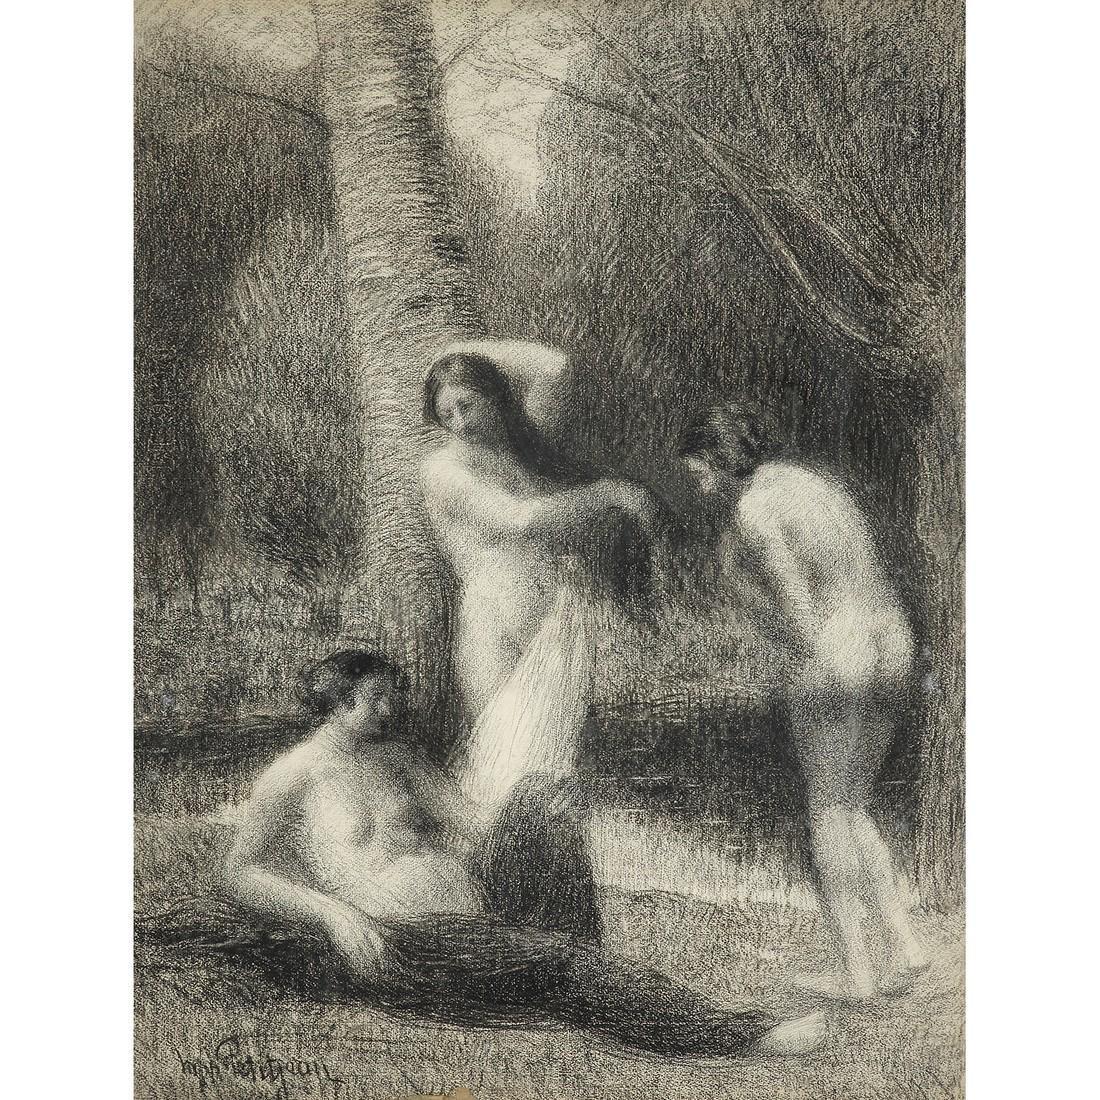 HIPPOLYTE PETITJEAN (1854-1929) BAIGNEUSES DANS UN